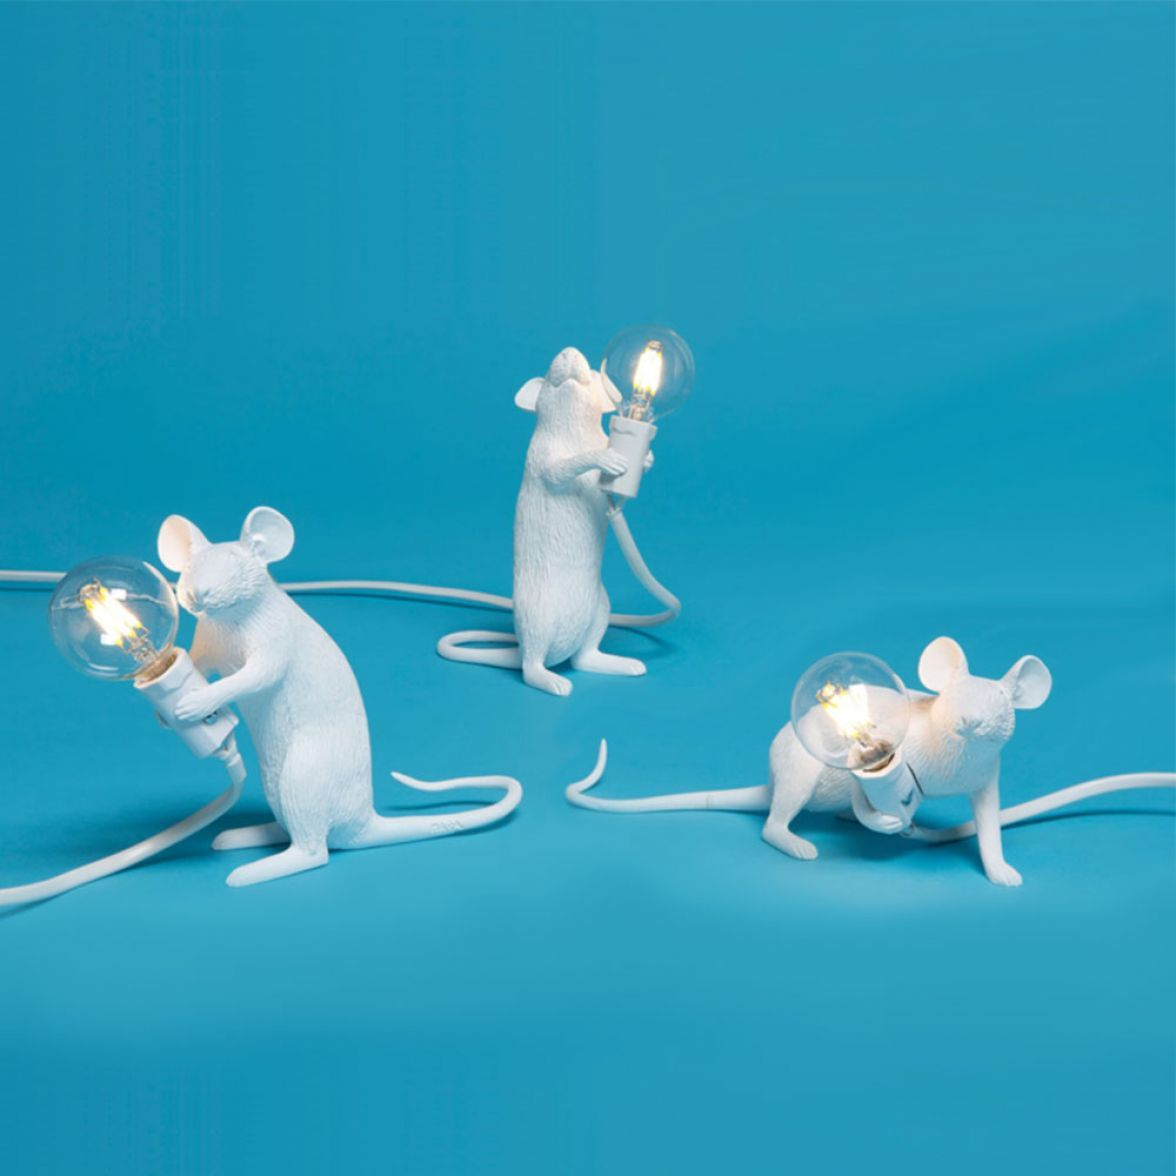 Светильники Mouse  фото цена